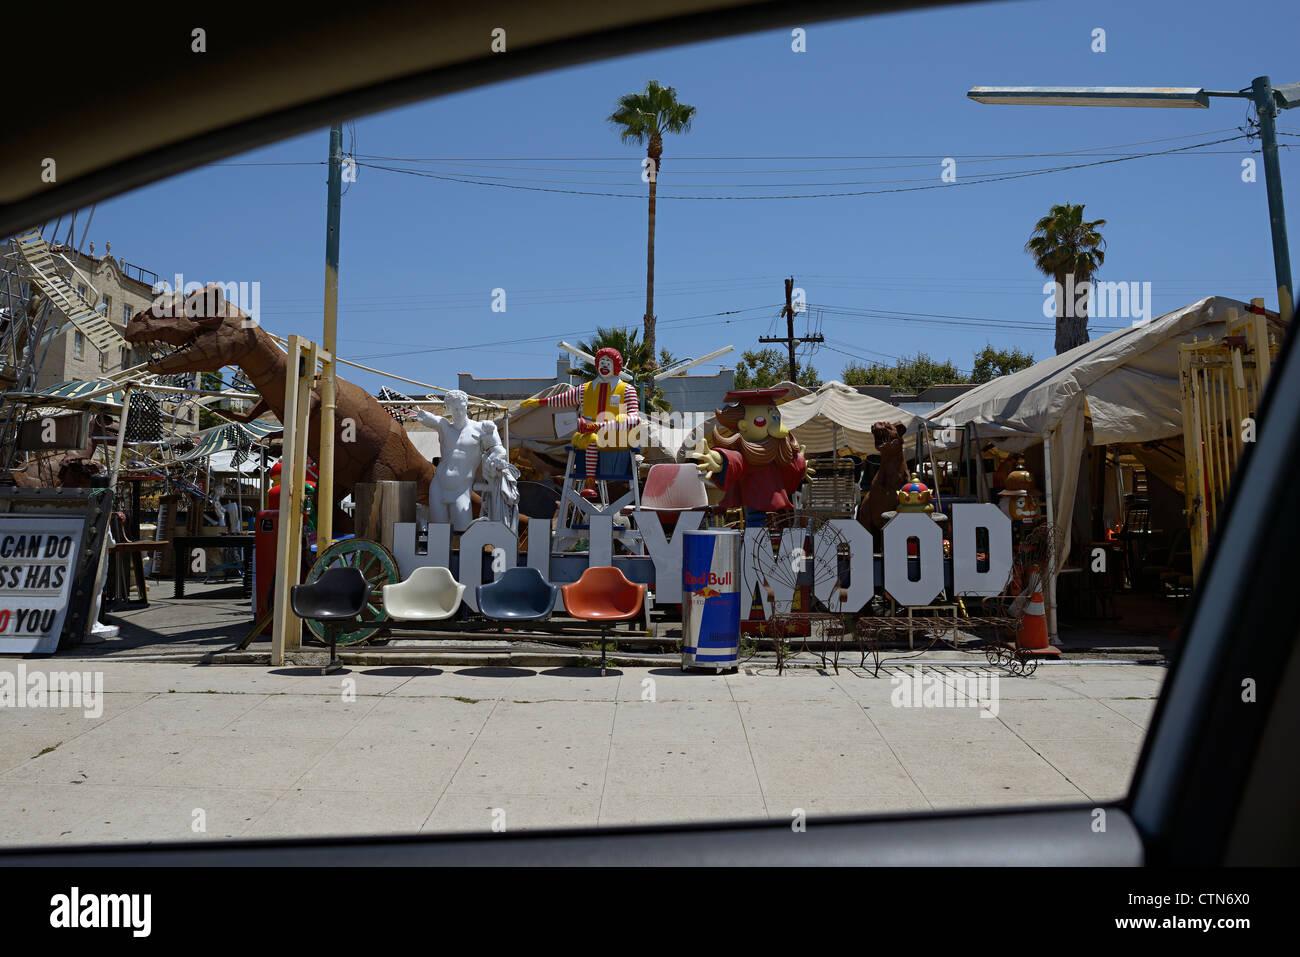 west hollywood ephemera store - Stock Image